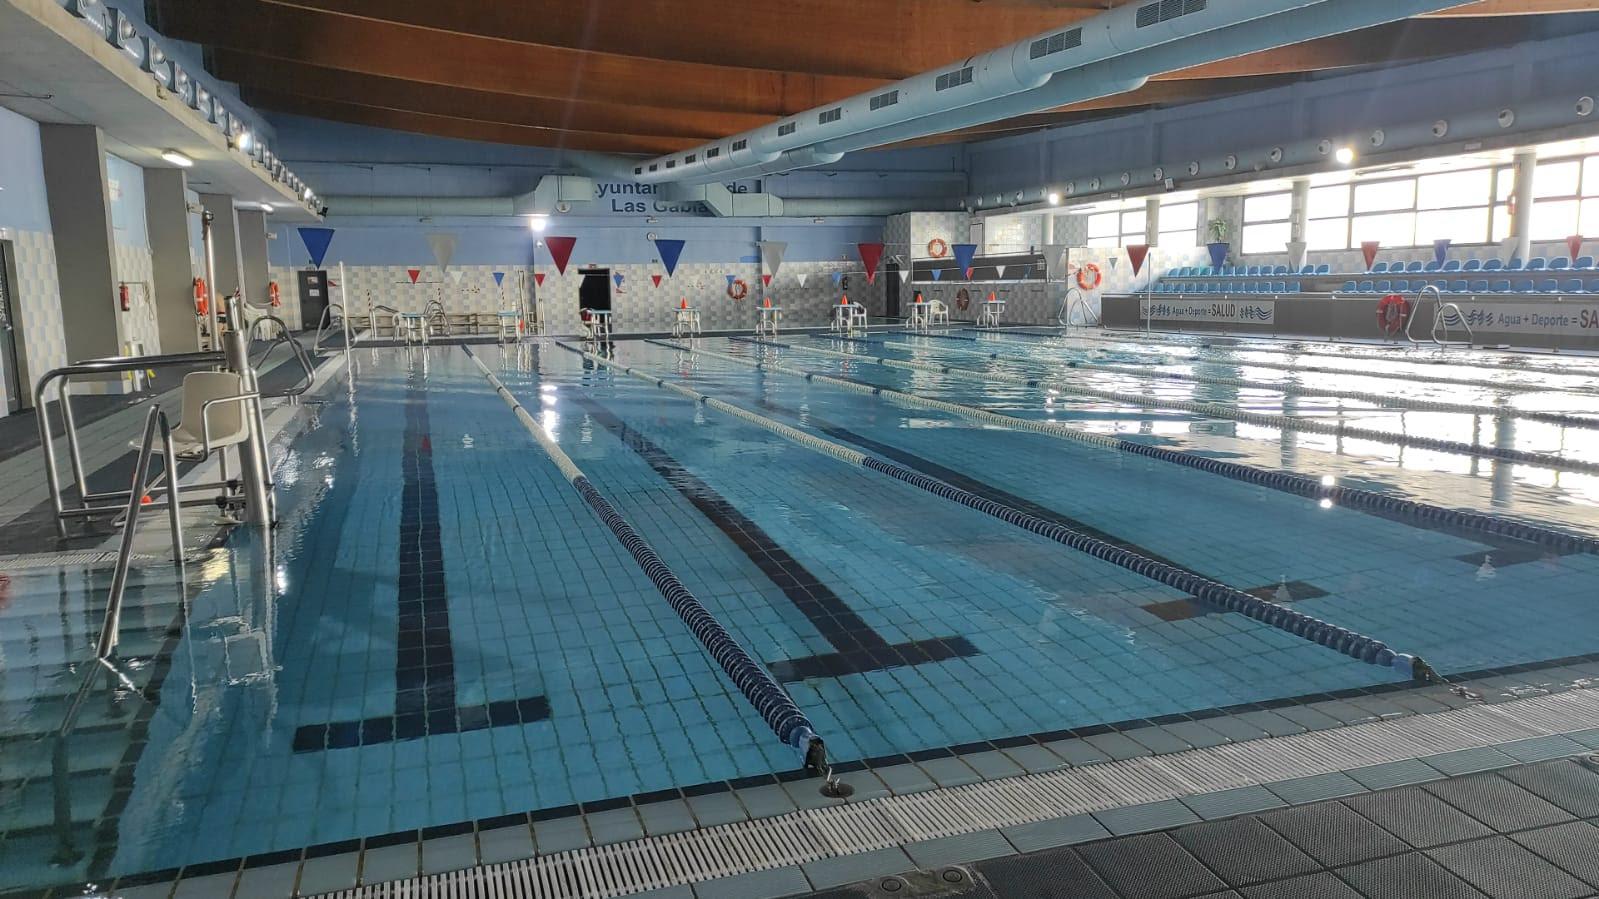 La piscina de Las Gabias contará con un sistema inteligente para mejorar la seguridad de los usuarios